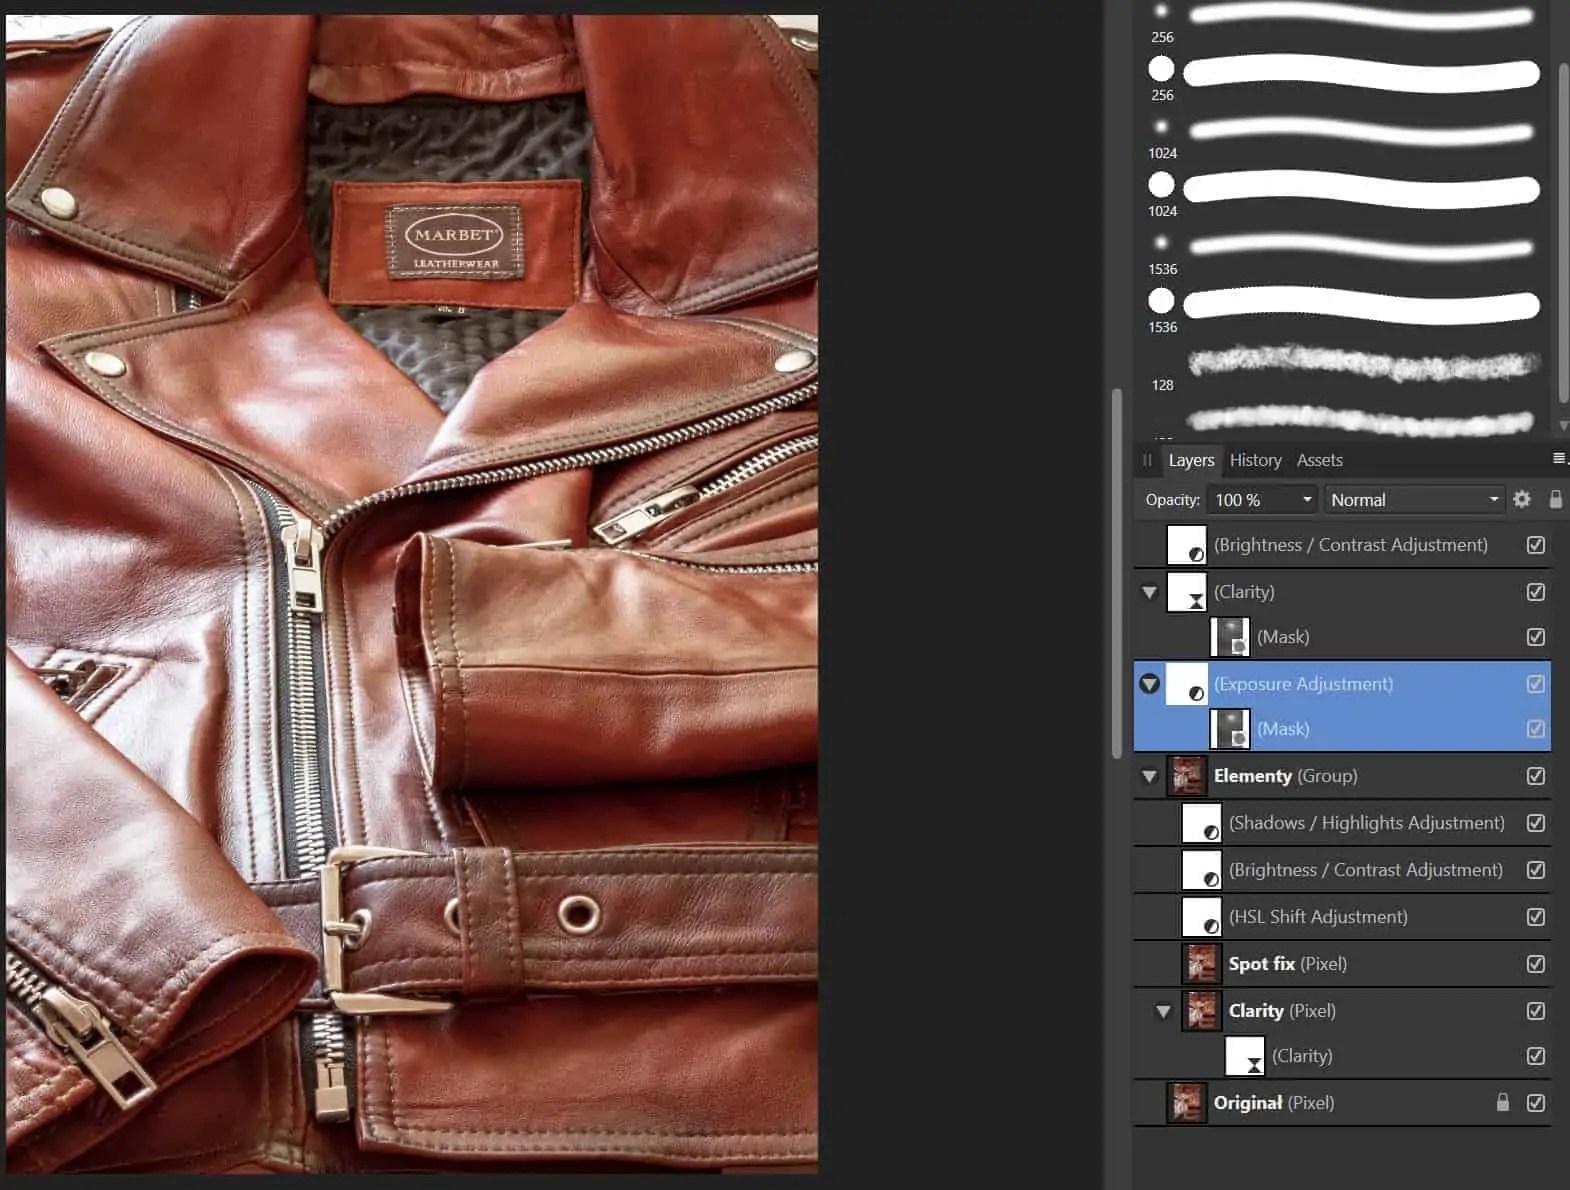 Obrobka zdjecia warstwy elementy i naprawa punktow - Kurtka skórzana Marbet 6 kroków do świetnej fotografii reklamowej